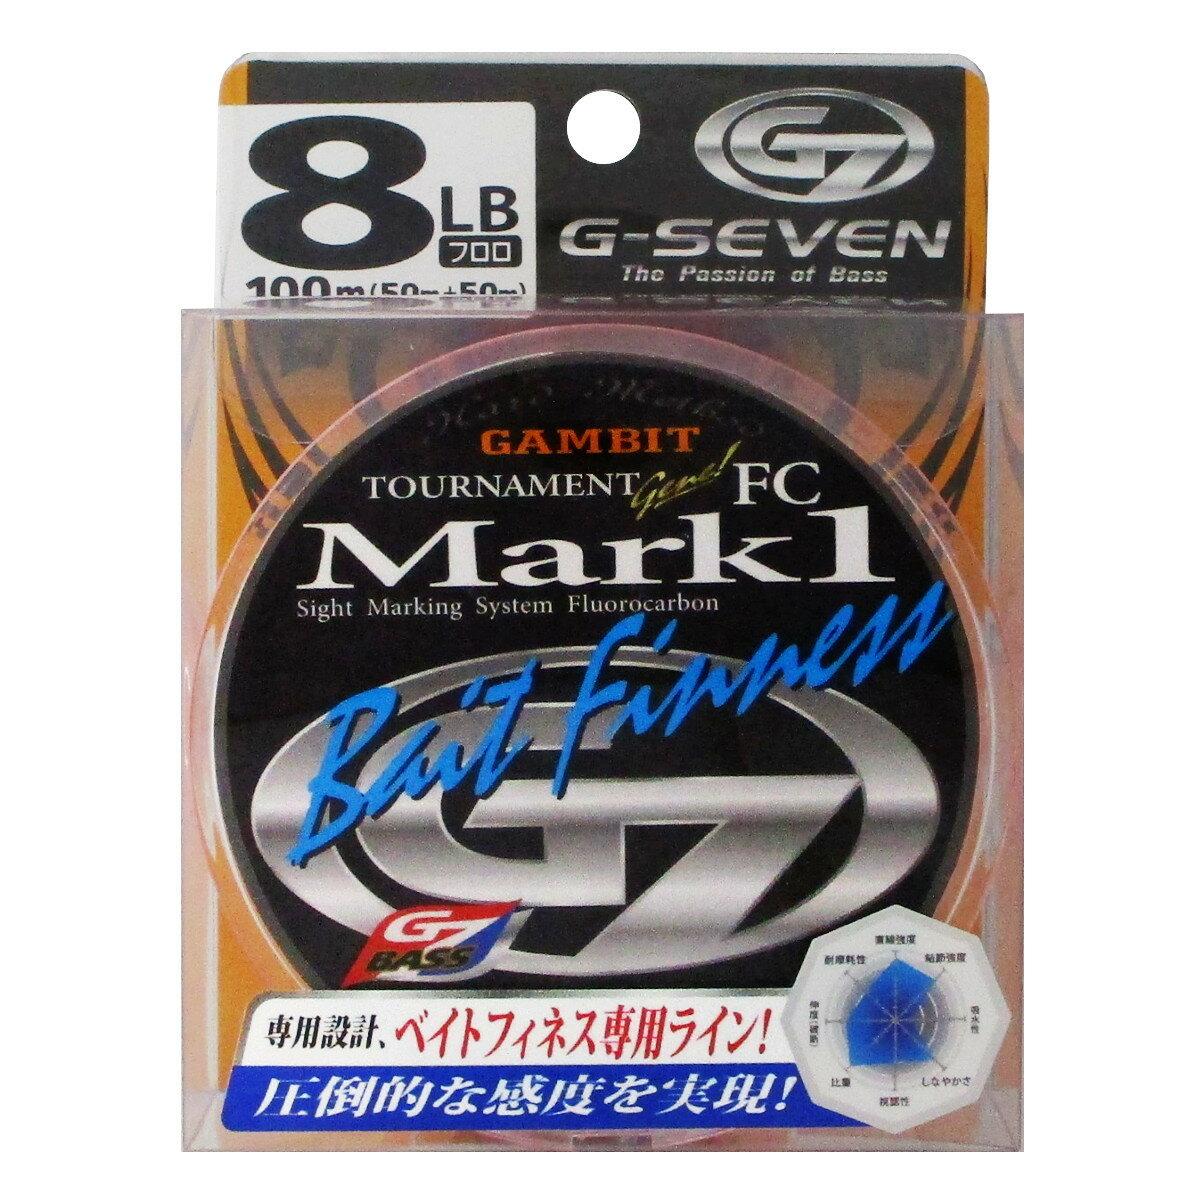 ラインシステム G7 トーナメントジーン MARK1 ベイトフィネス G3108B 100m 8lb(東日本店)